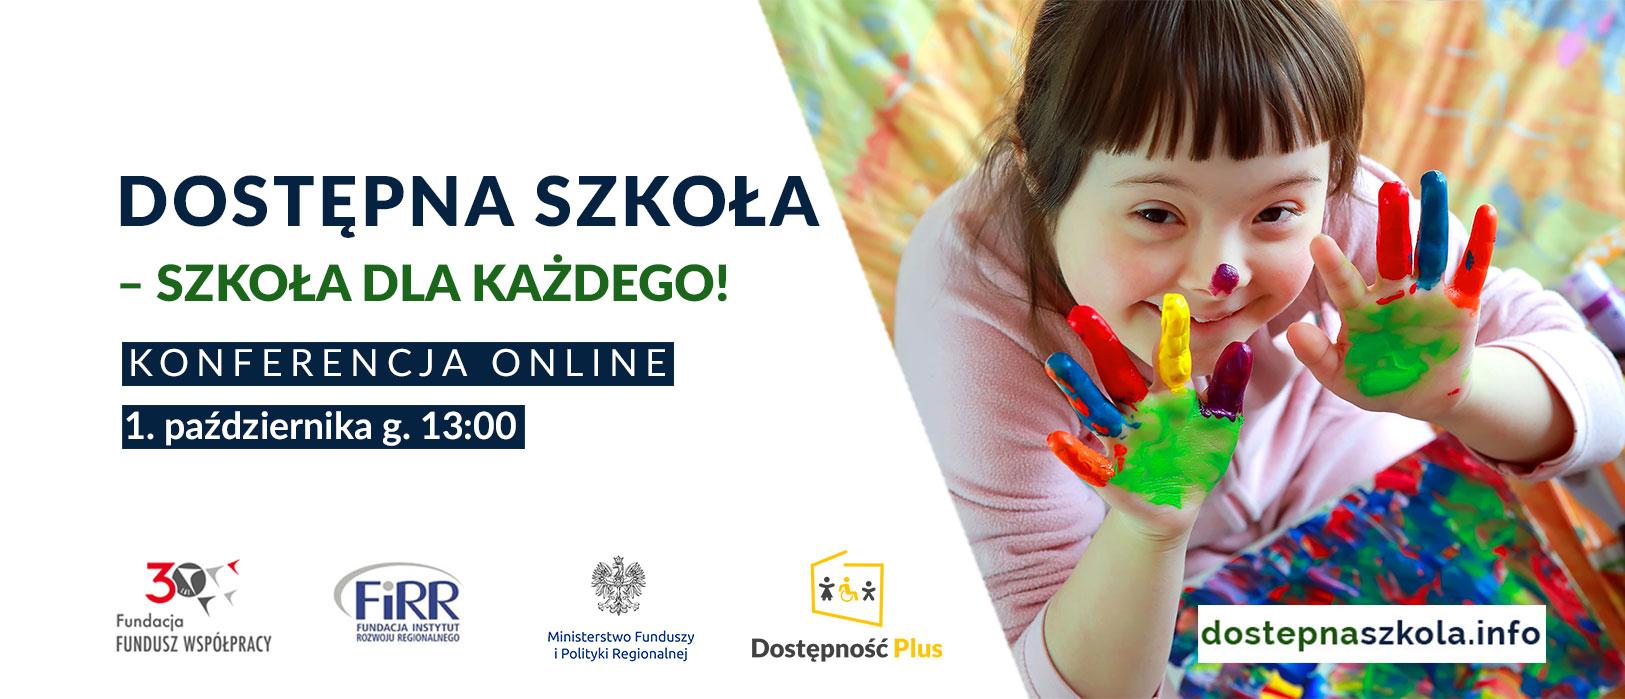 """informacja o konferencji online """"Dostępna Szkoła - szkołą dla każdego"""". Konferencja odbędzie się 1 października 2020 roku o 13:00."""